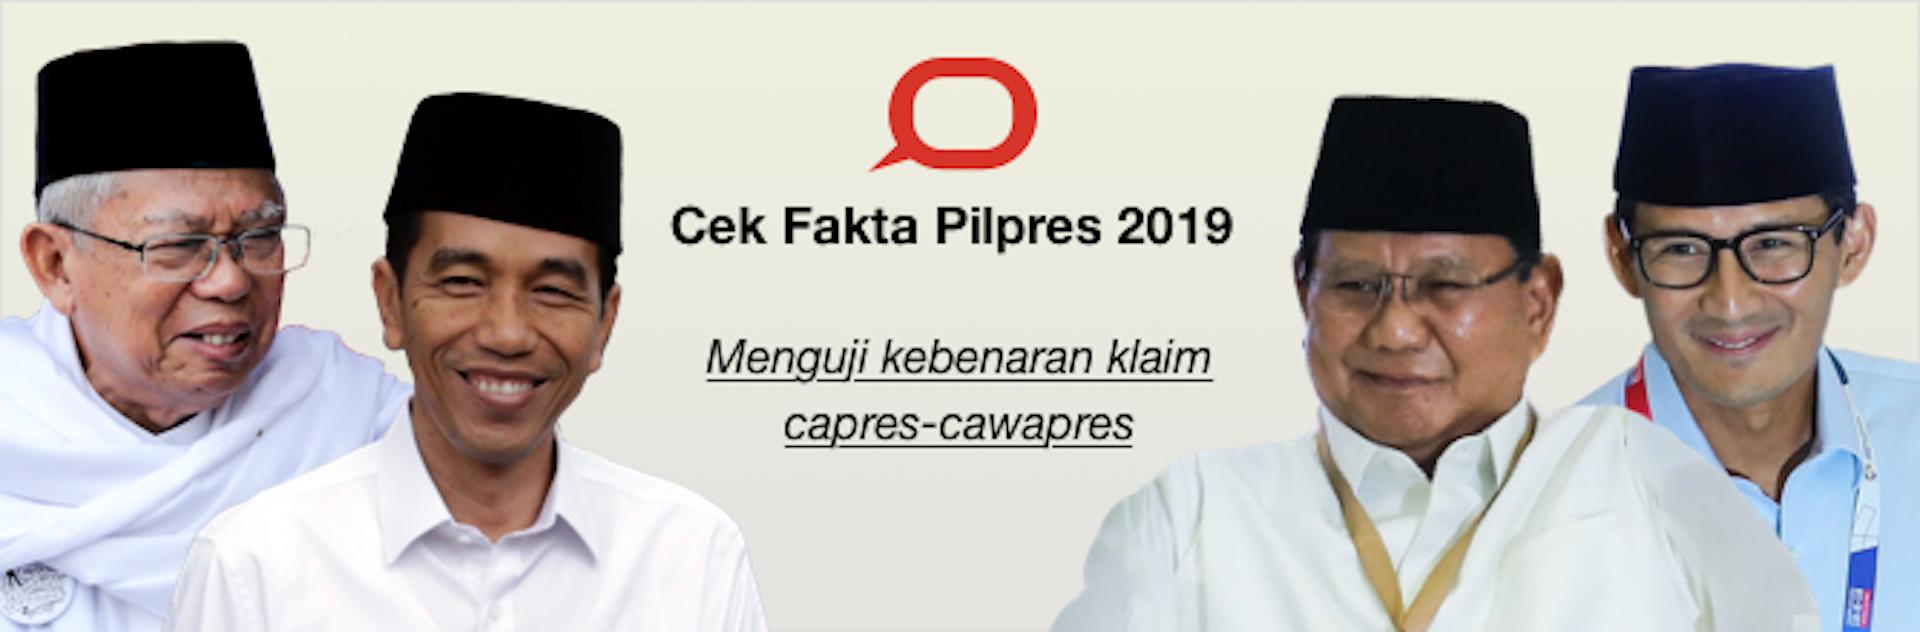 Cek Fakta Pilpres 2019